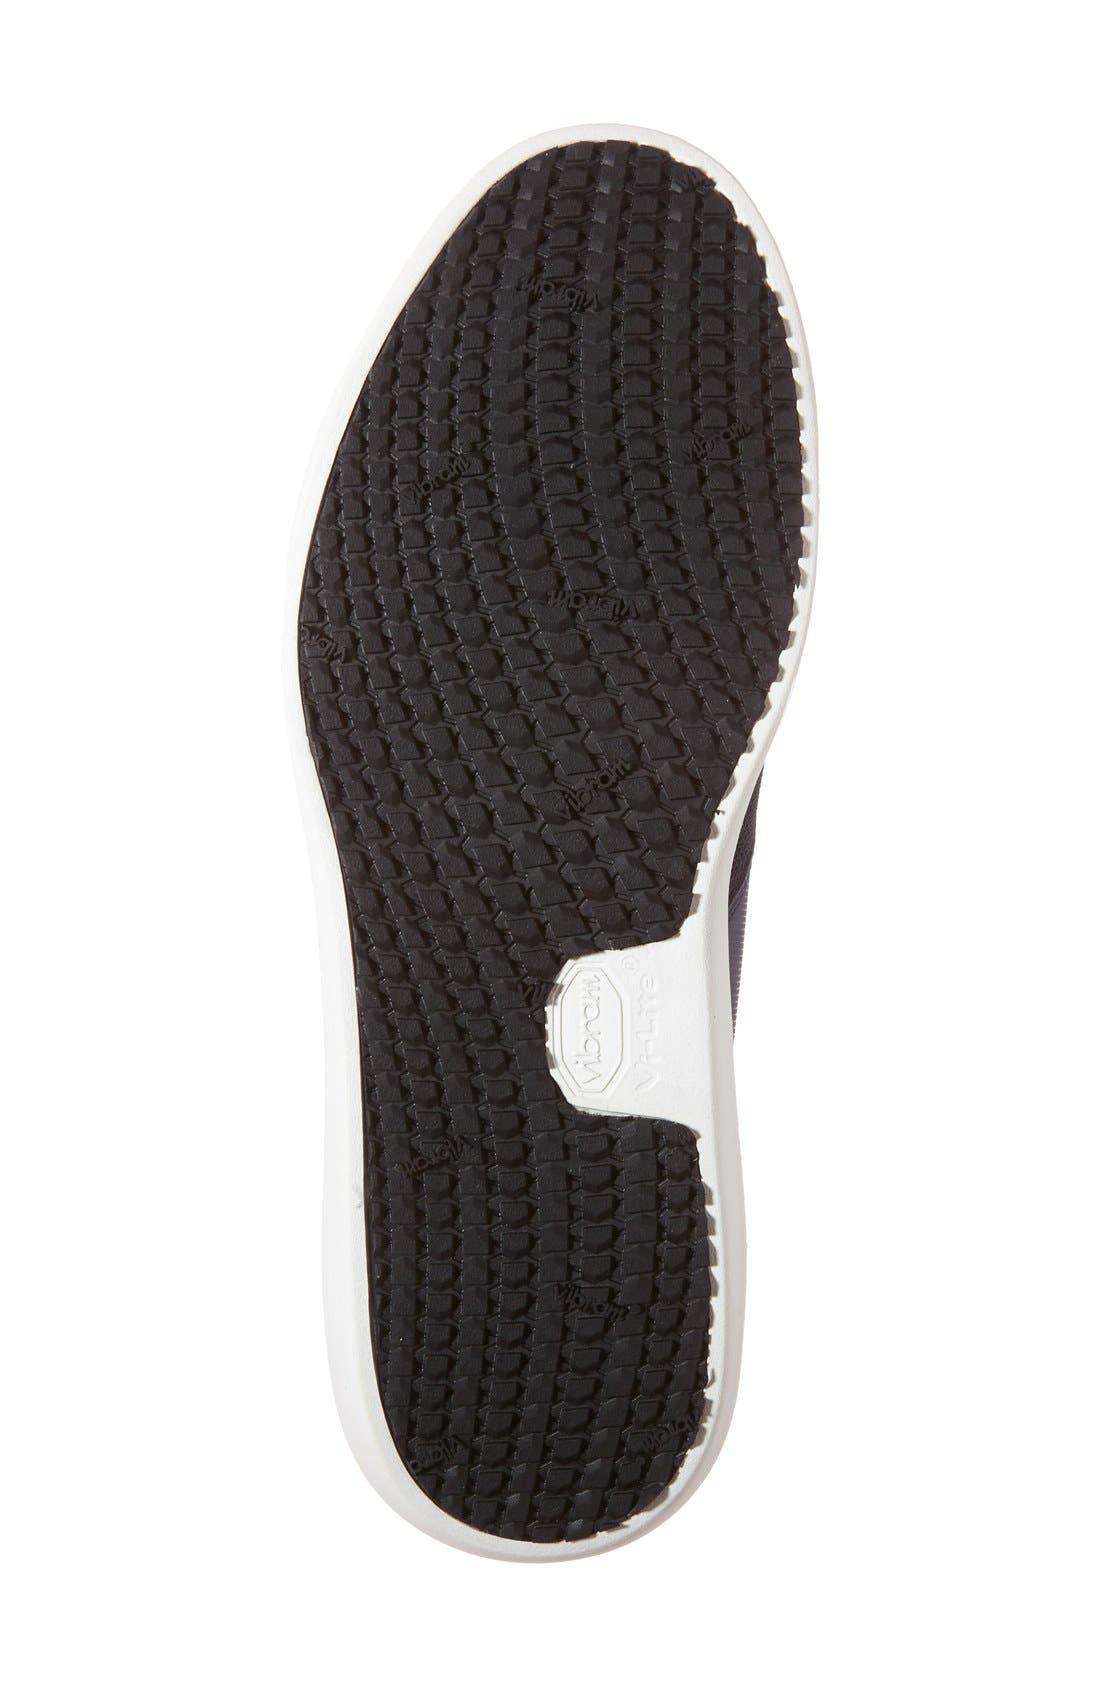 Deross Sneaker,                             Alternate thumbnail 5, color,                             Navy Leather